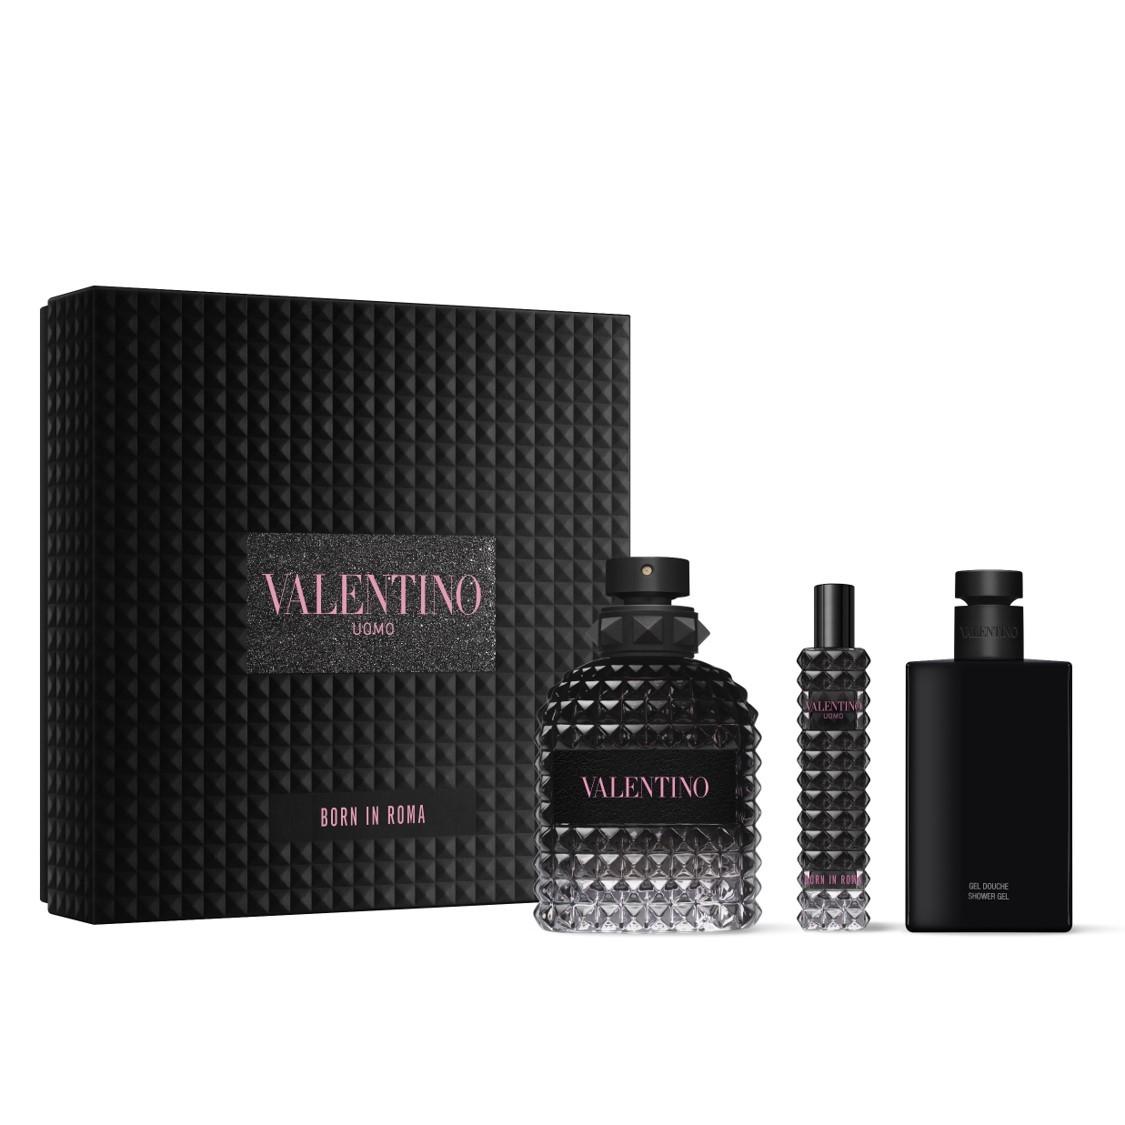 Valentino - Uomo Born In Roma Eau de Toilette 100Ml Set -